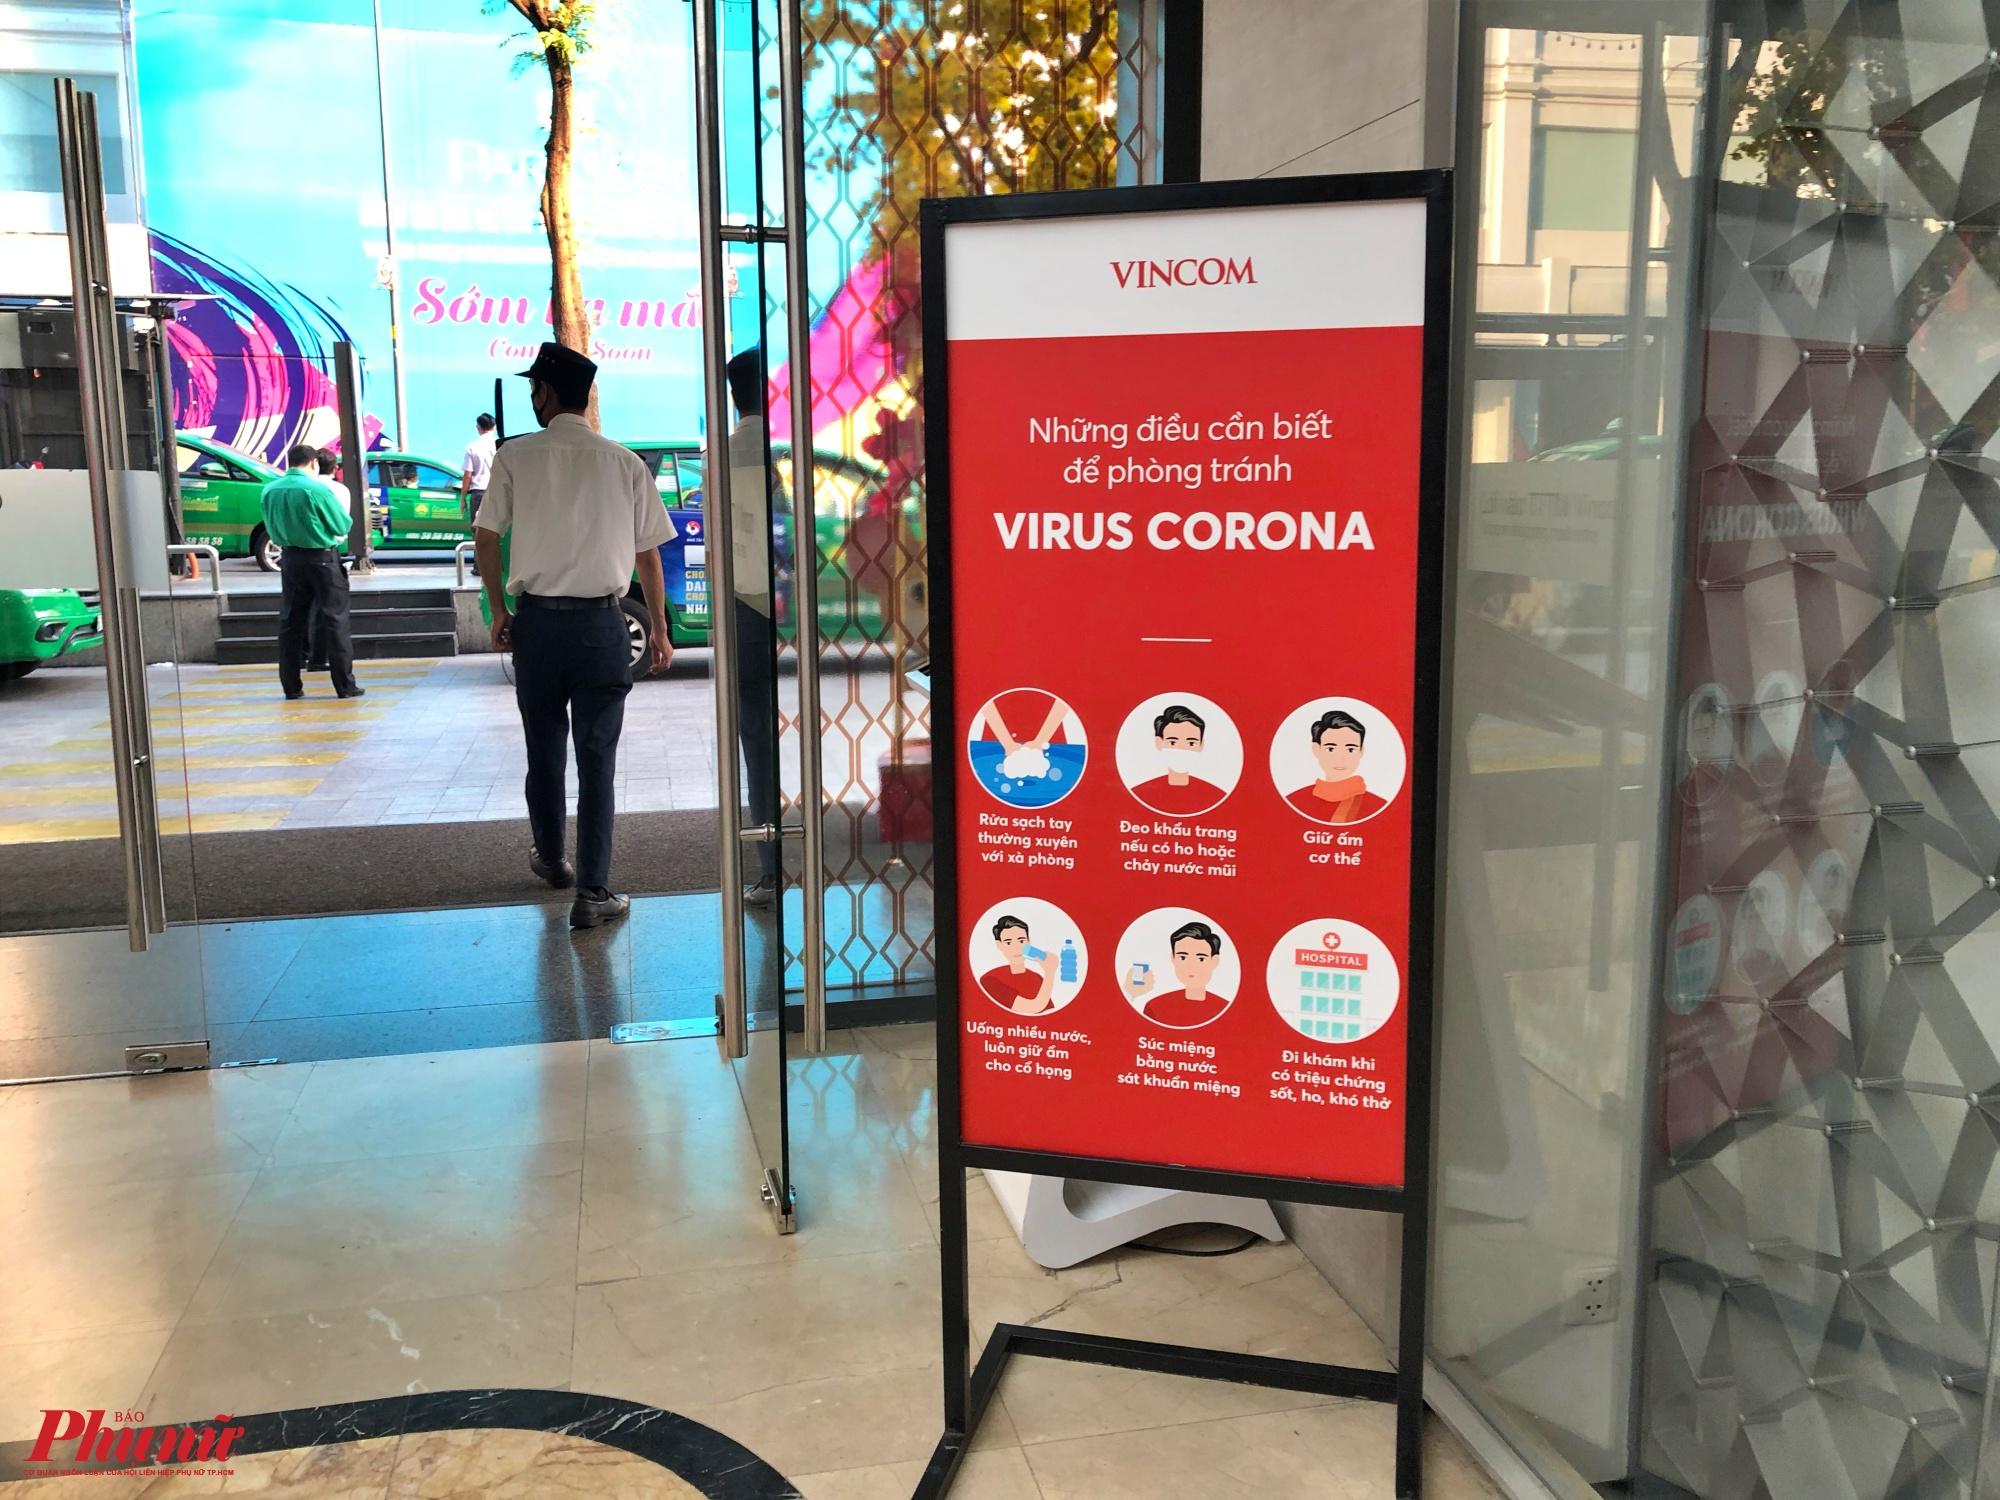 Tại cổng ra vào của trung tâm thương mại Vincom trên đường Lê Thánh Tôn, quận 1 cũng treo bảng cảnh báo cho người dân về cách phòng trách virus Corona như đeo khẩu trang, rửa tay thường xuyên bằng xà phòng